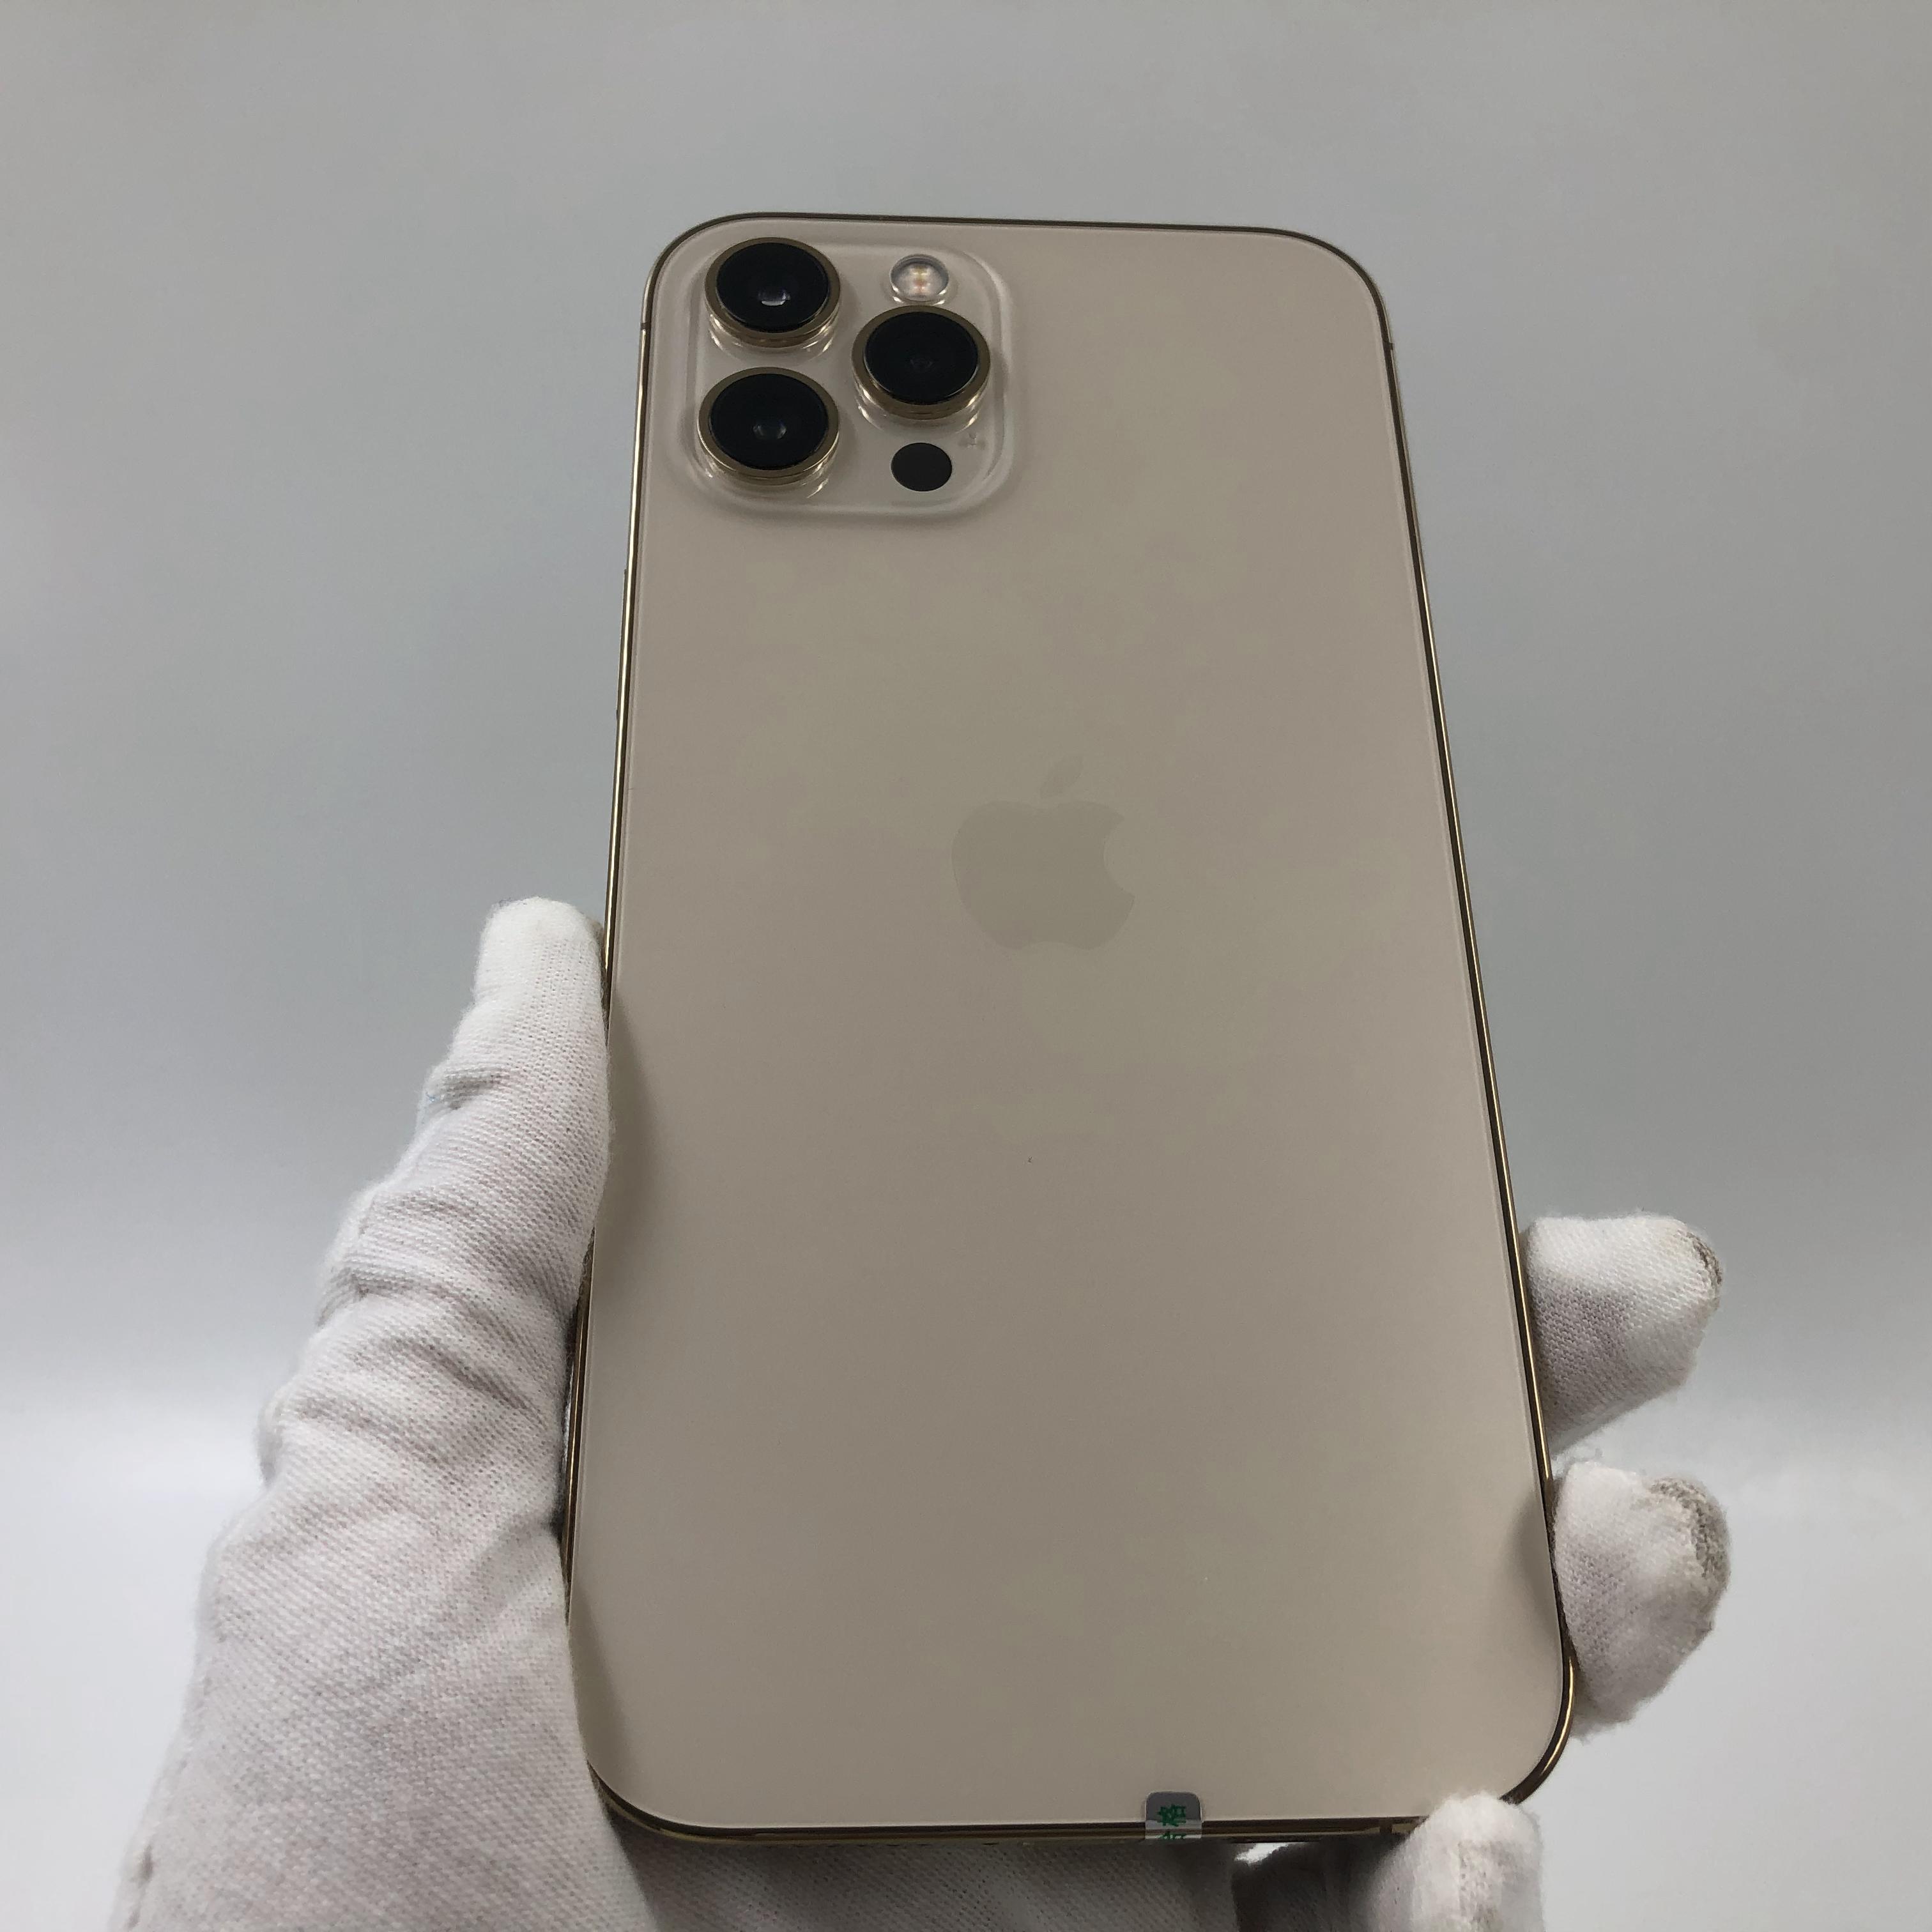 苹果【iPhone 12 Pro Max】5G全网通 金色 256G 国行 95新 真机实拍官保2022-01-19